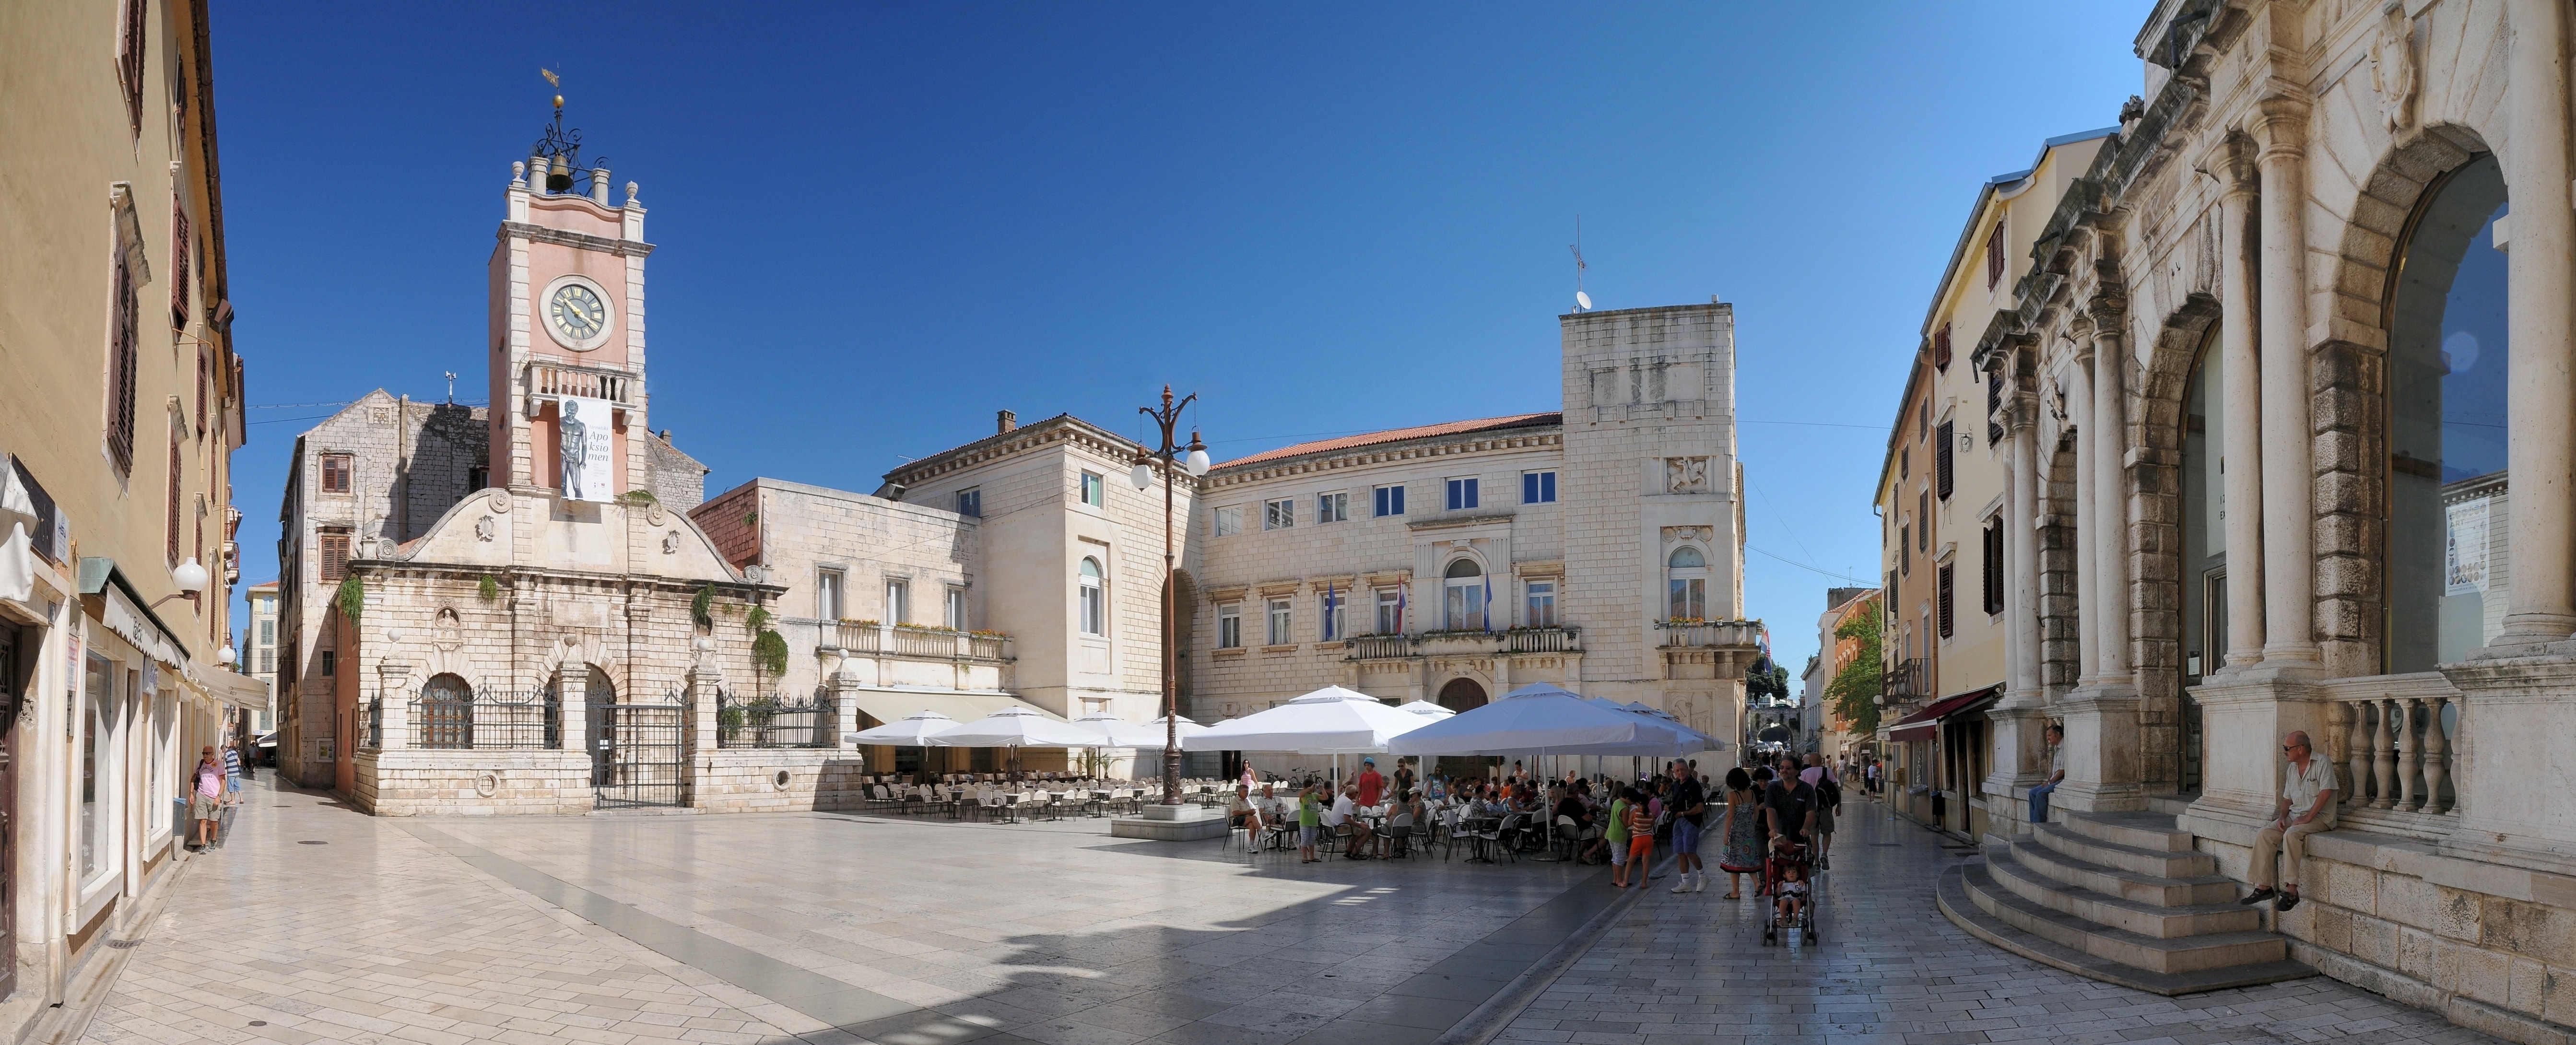 Square Zadar